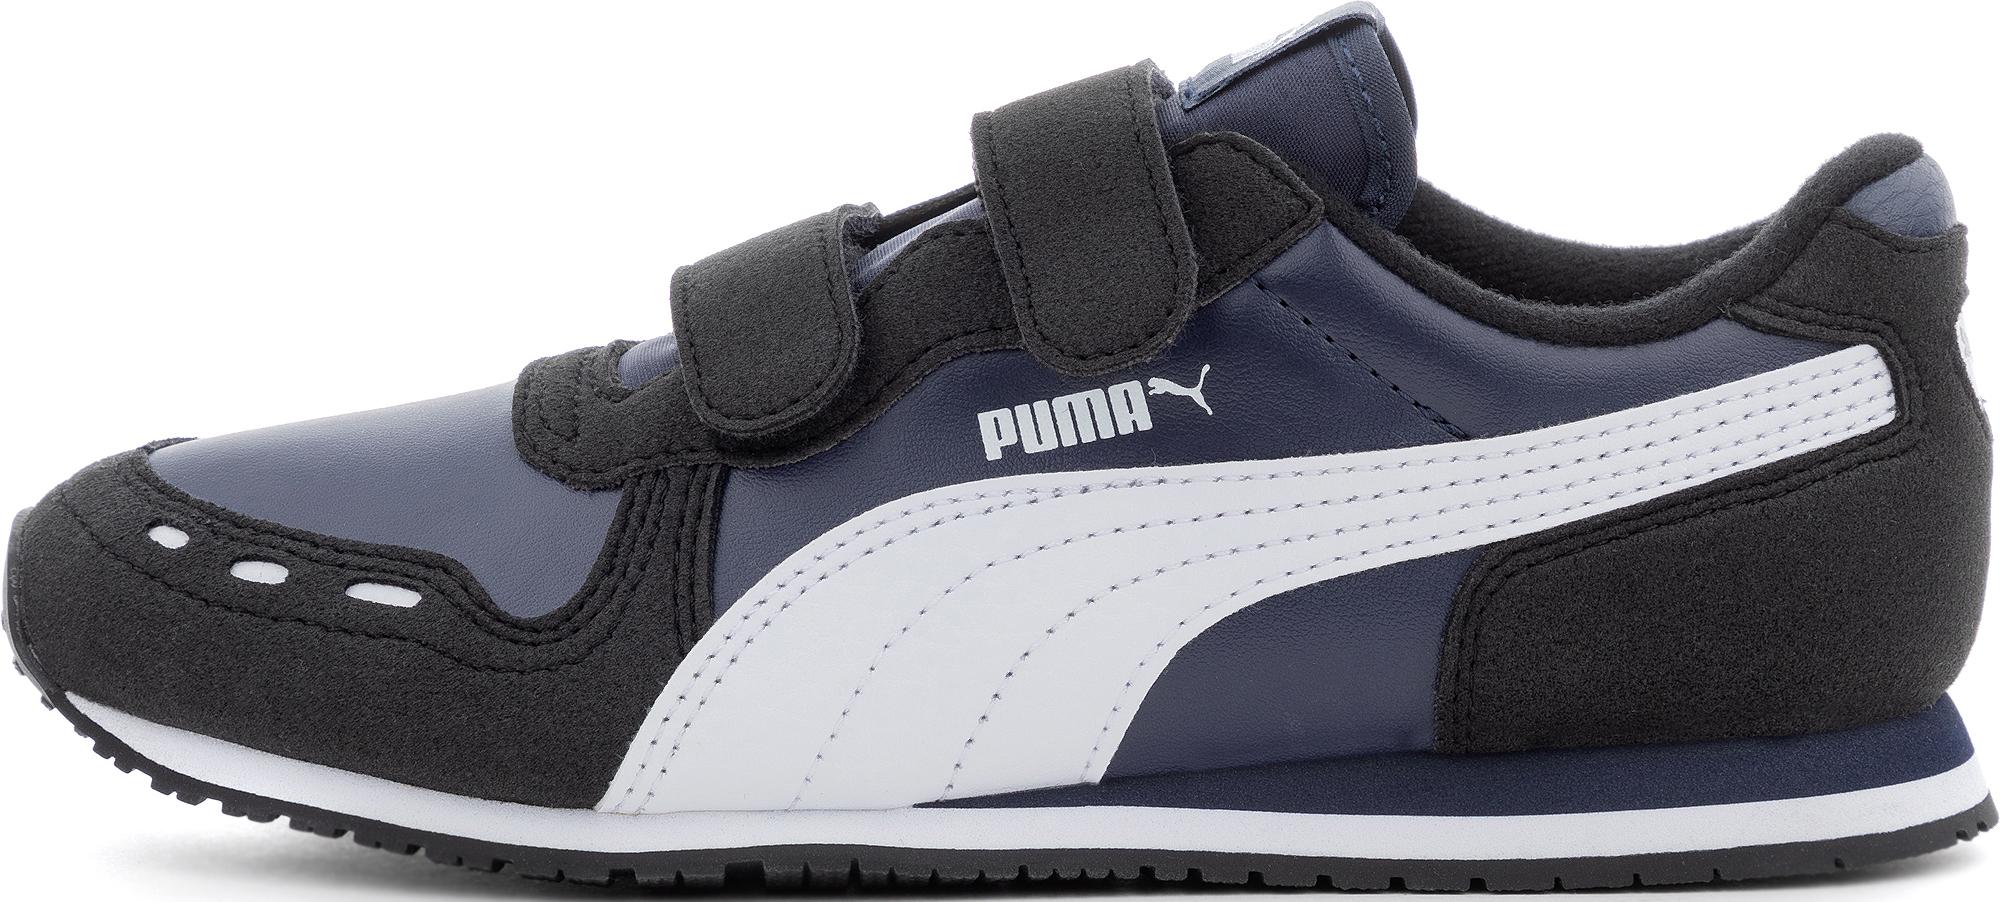 Puma Кроссовки для мальчиков Puma Cabana Racer Sl V Ps, размер 34